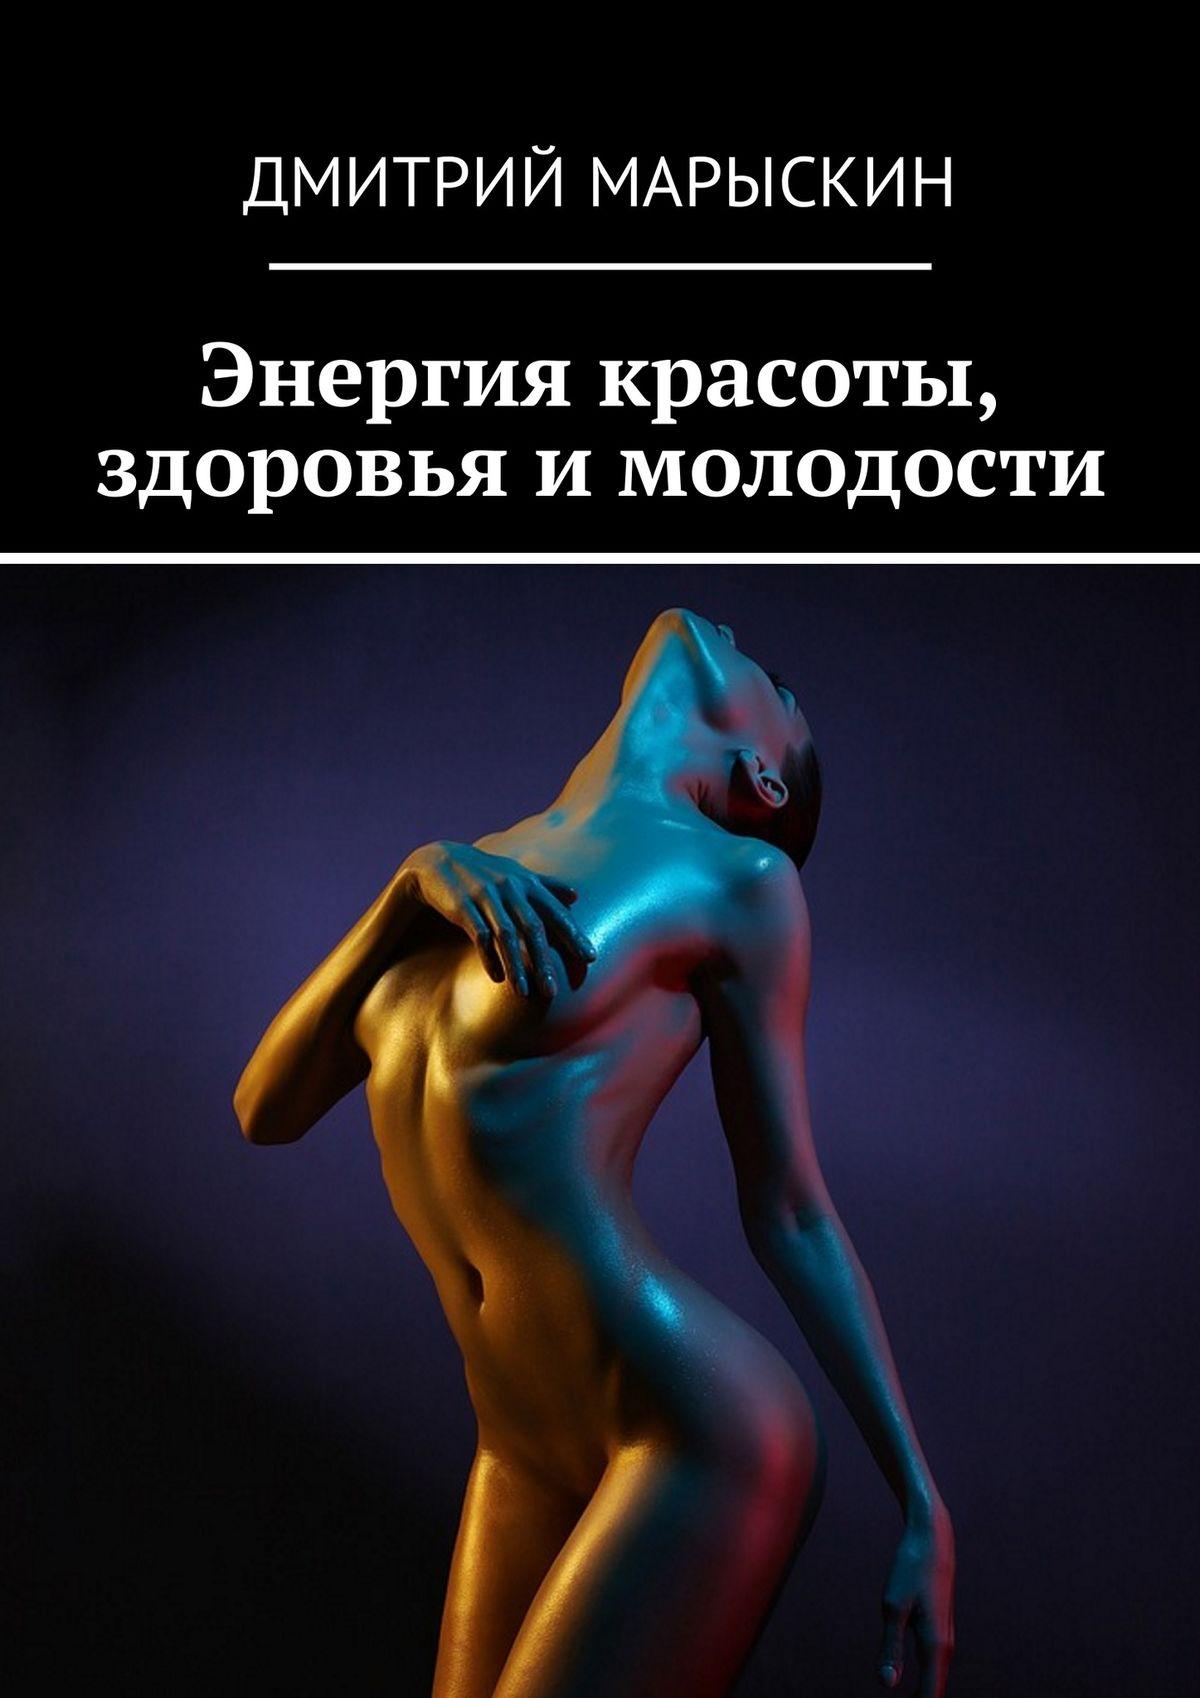 Дмитрий Марыскин Энергия красоты, здоровья и молодости кочнева с лимфодренаж секреты красоты и здоровья